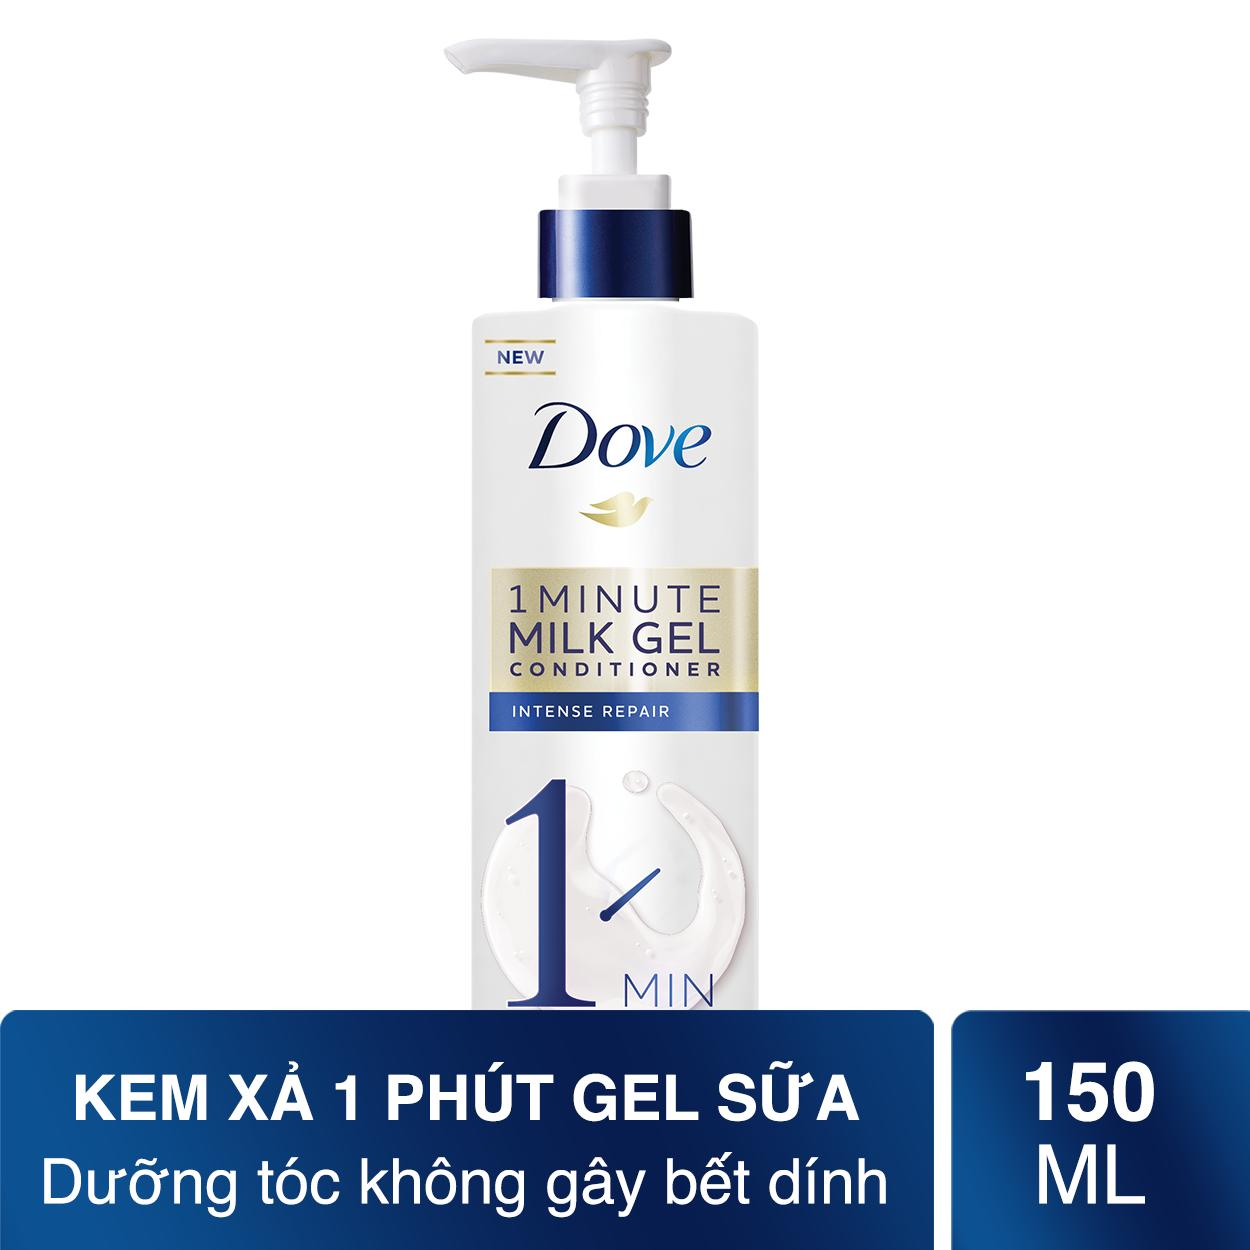 Kem xả phục hồi tóc hư tổn nặng Dove 1Minute Super Intense Repair Hair Conditioner 180ml chính hãng